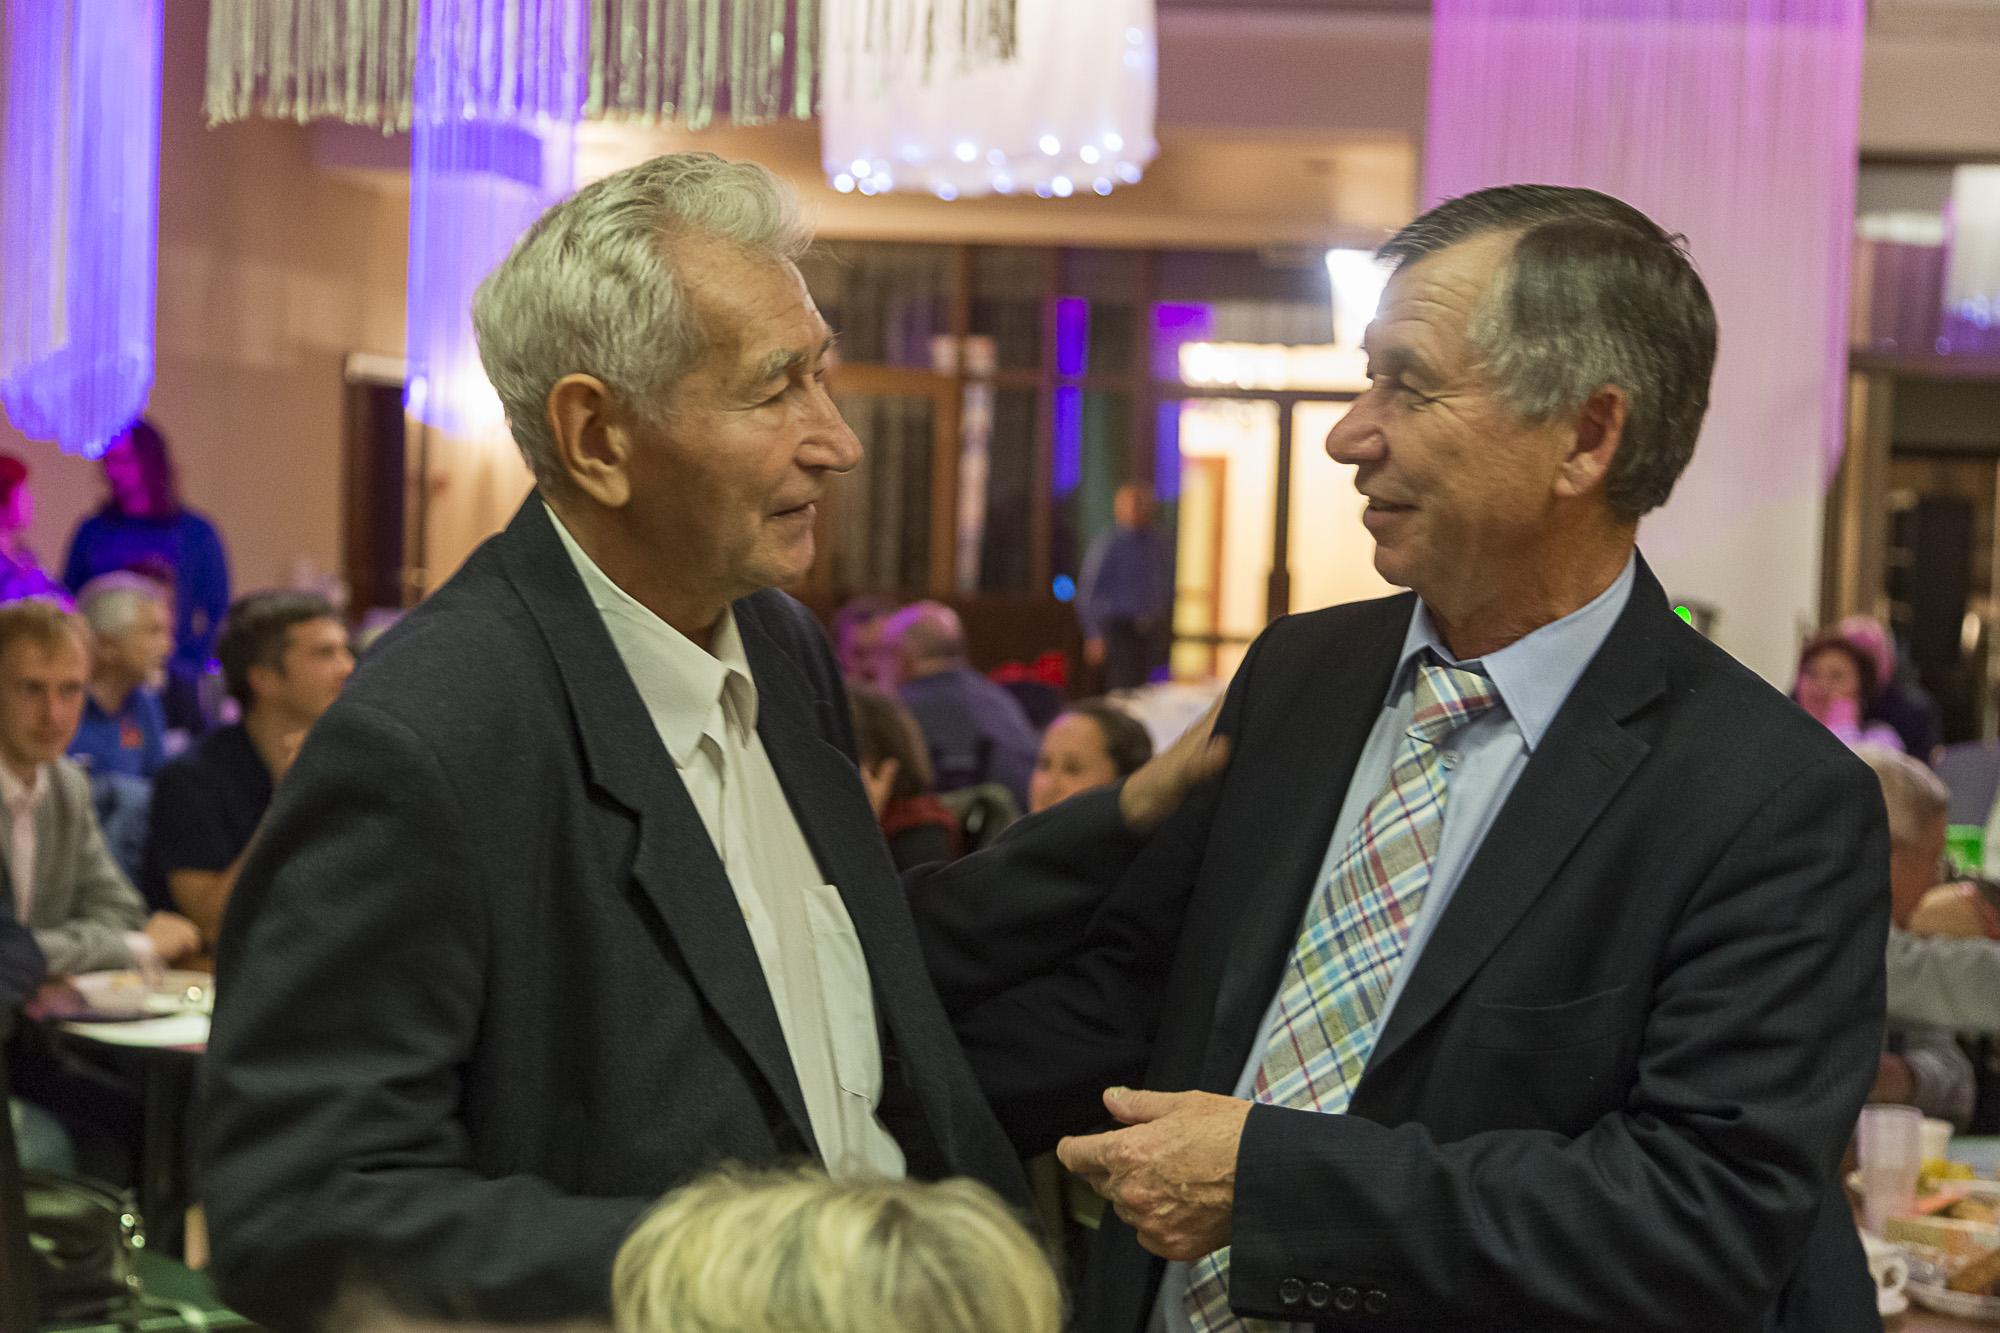 знакомства в г уфа от 50 лет